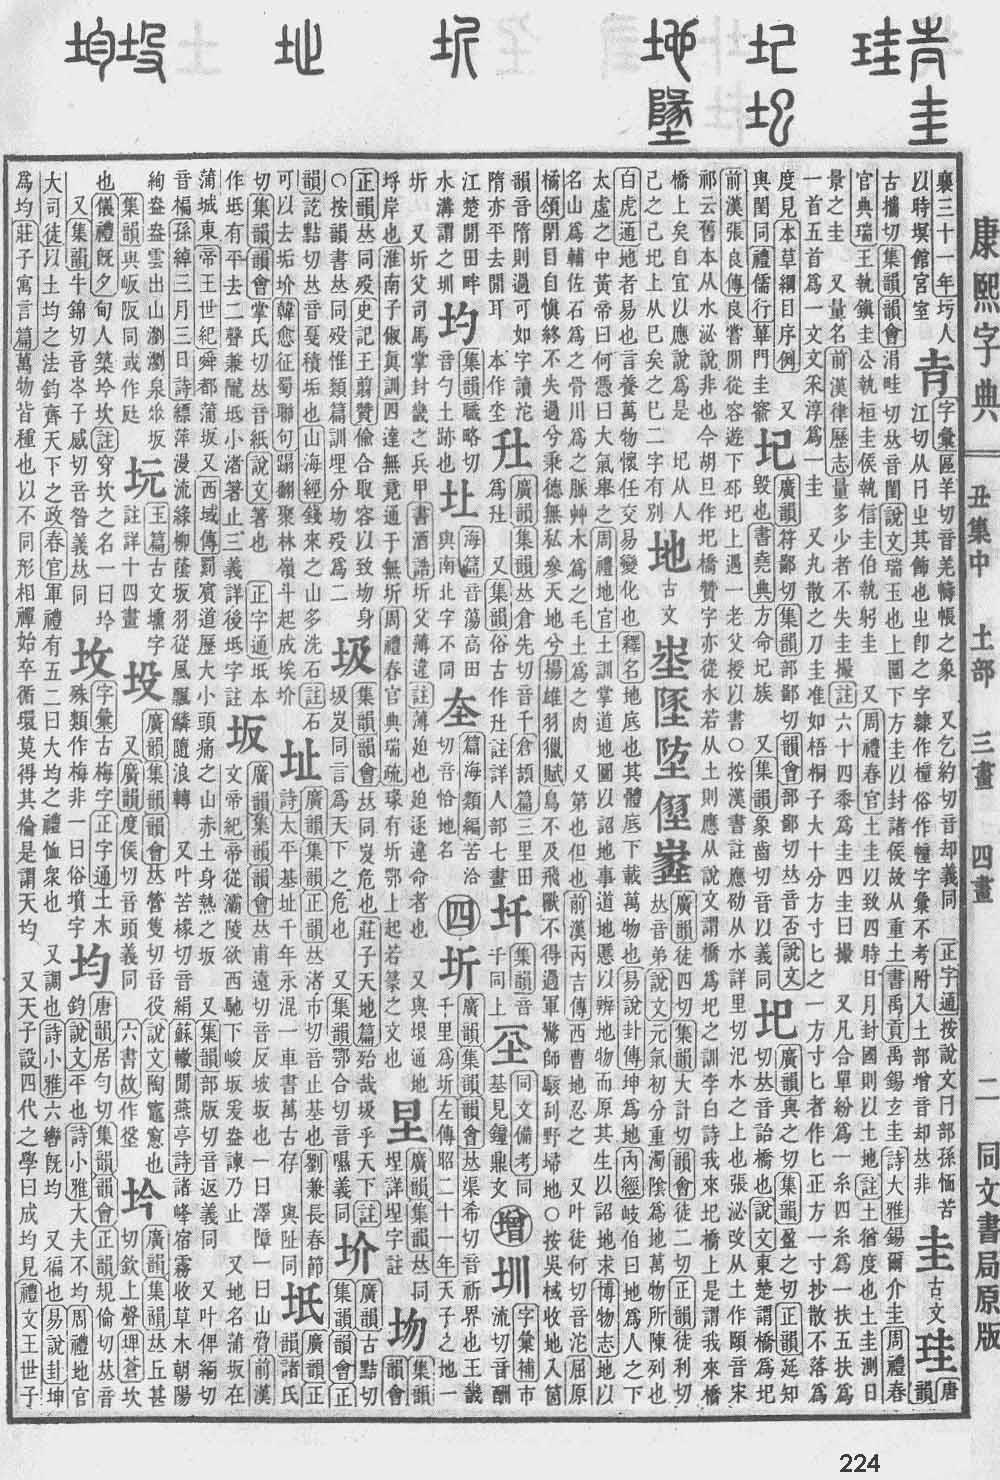 《康熙字典》第224页